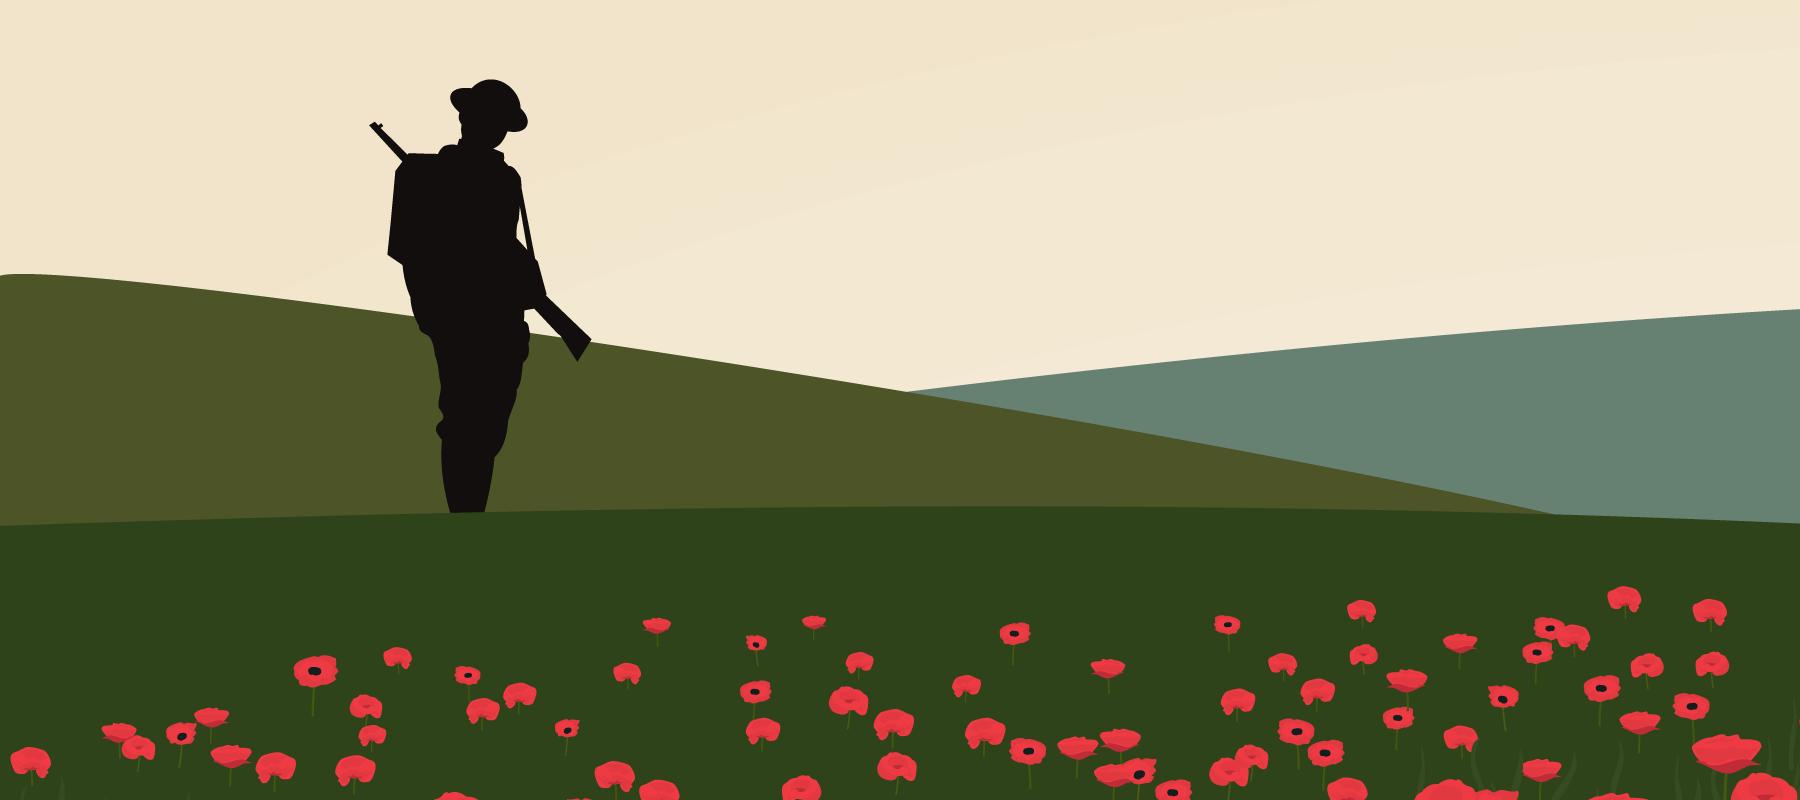 lonely soldier in poppy field